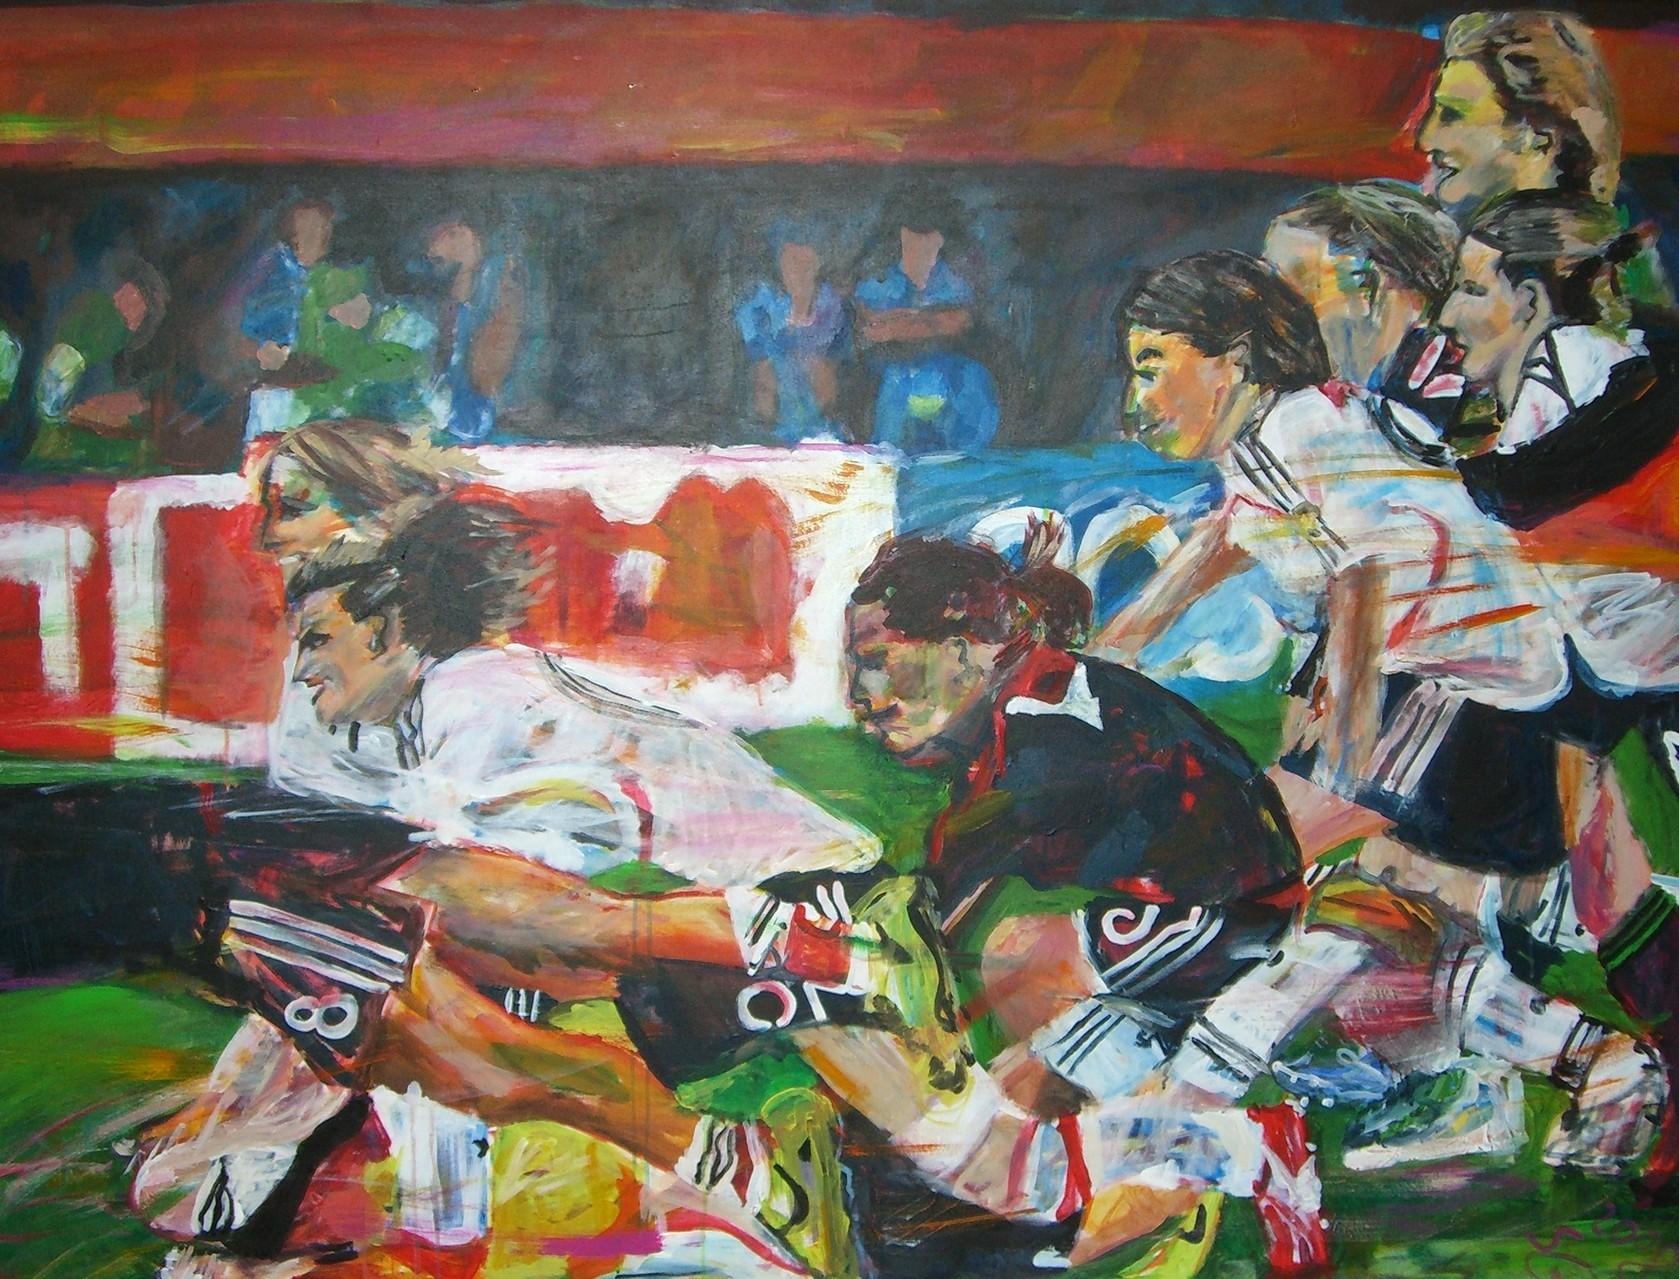 Fußballfrauen,   120x160   Acryl auf Leinwand  (verkauft)